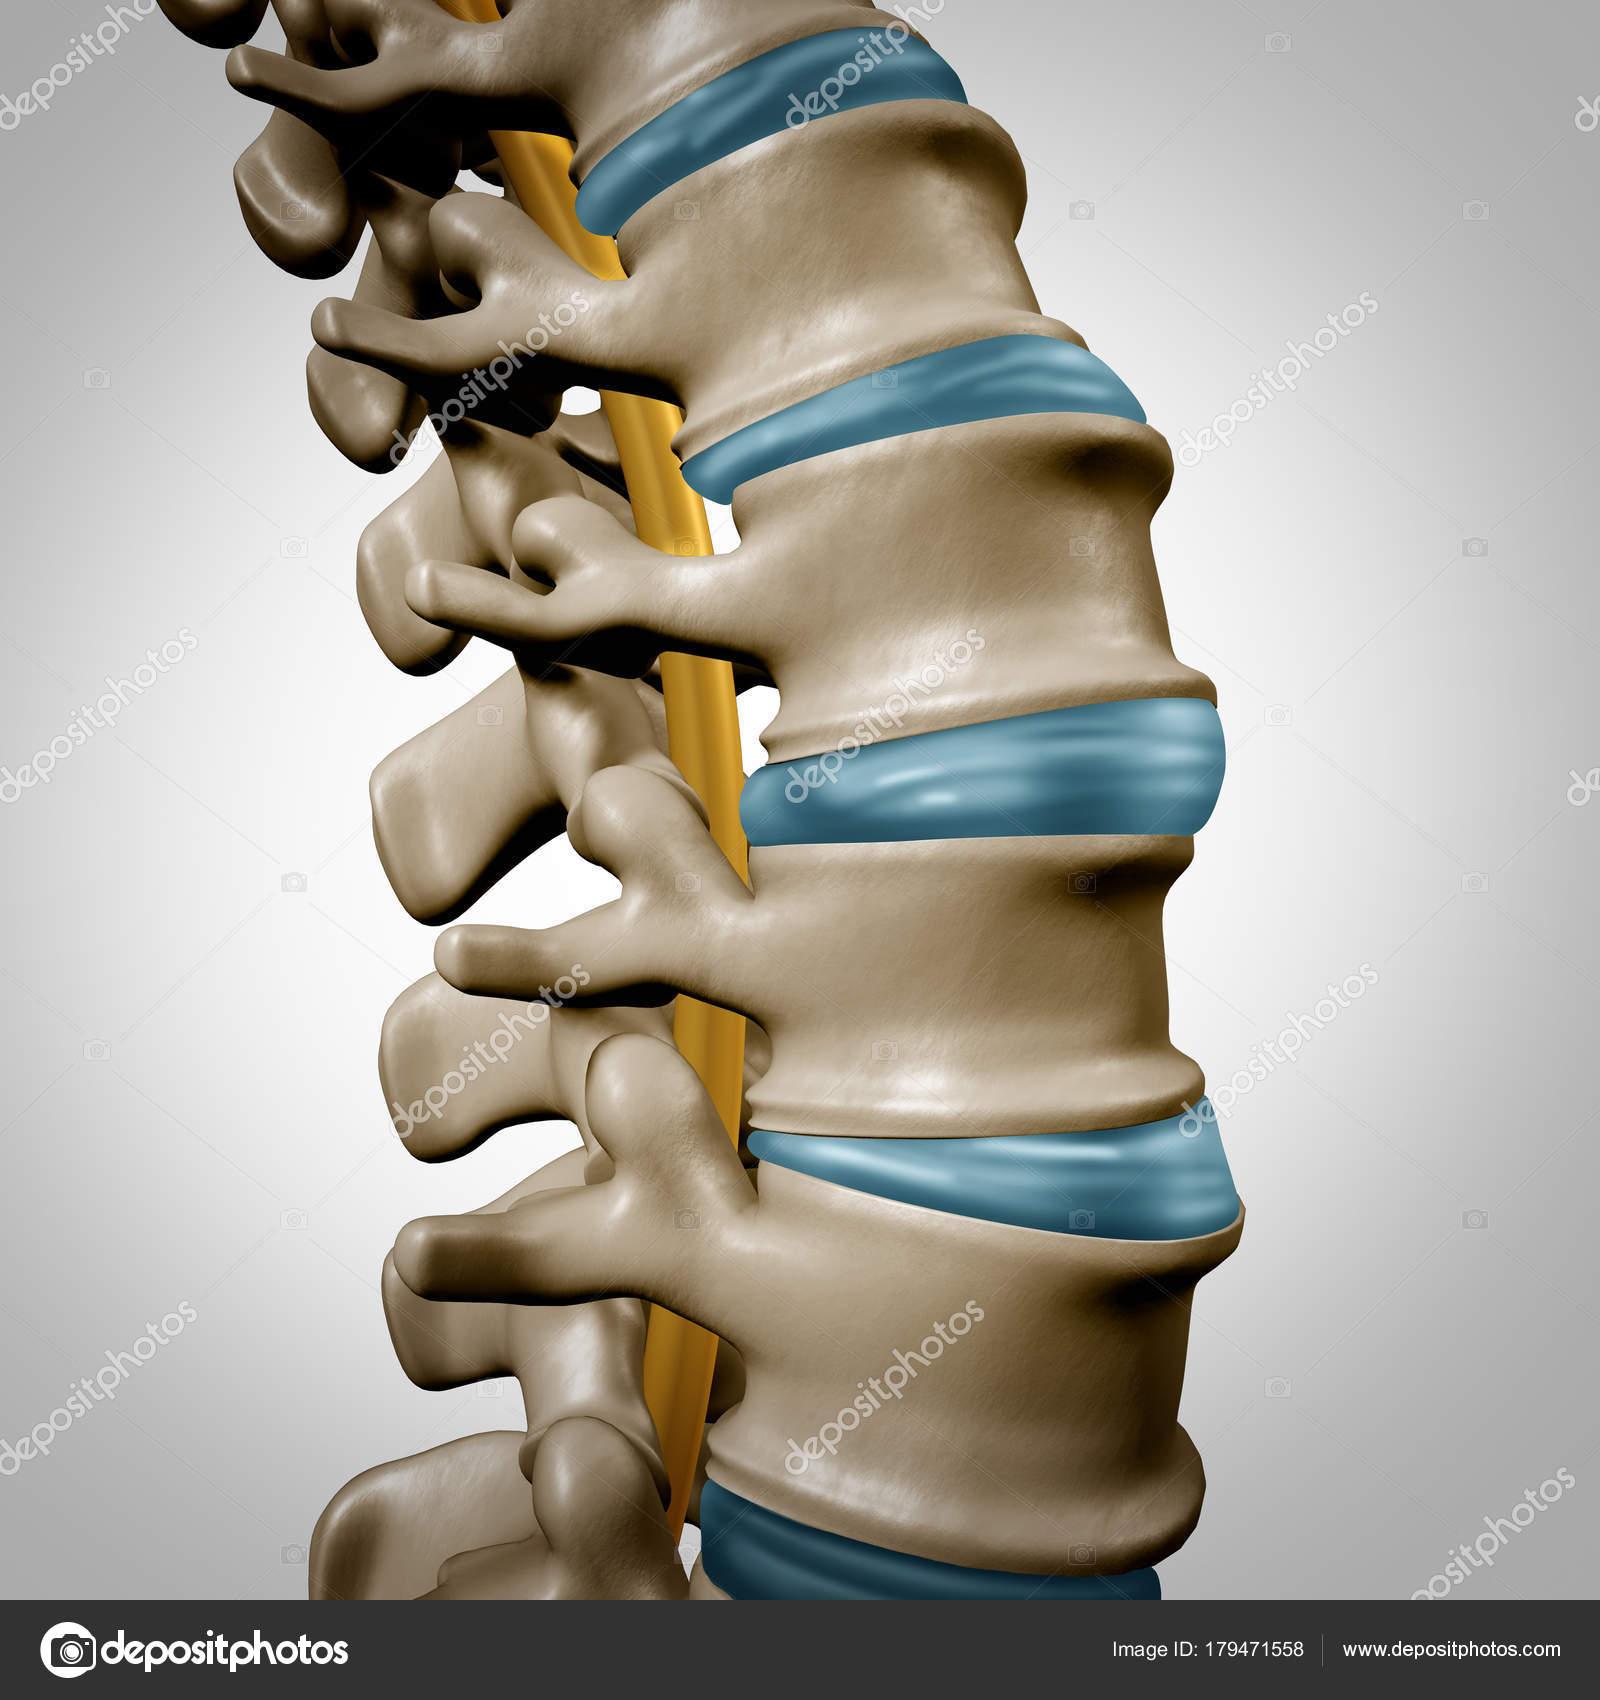 Menschliche Wirbelsäule Anatomie Abschnitt — Stockfoto © lightsource ...